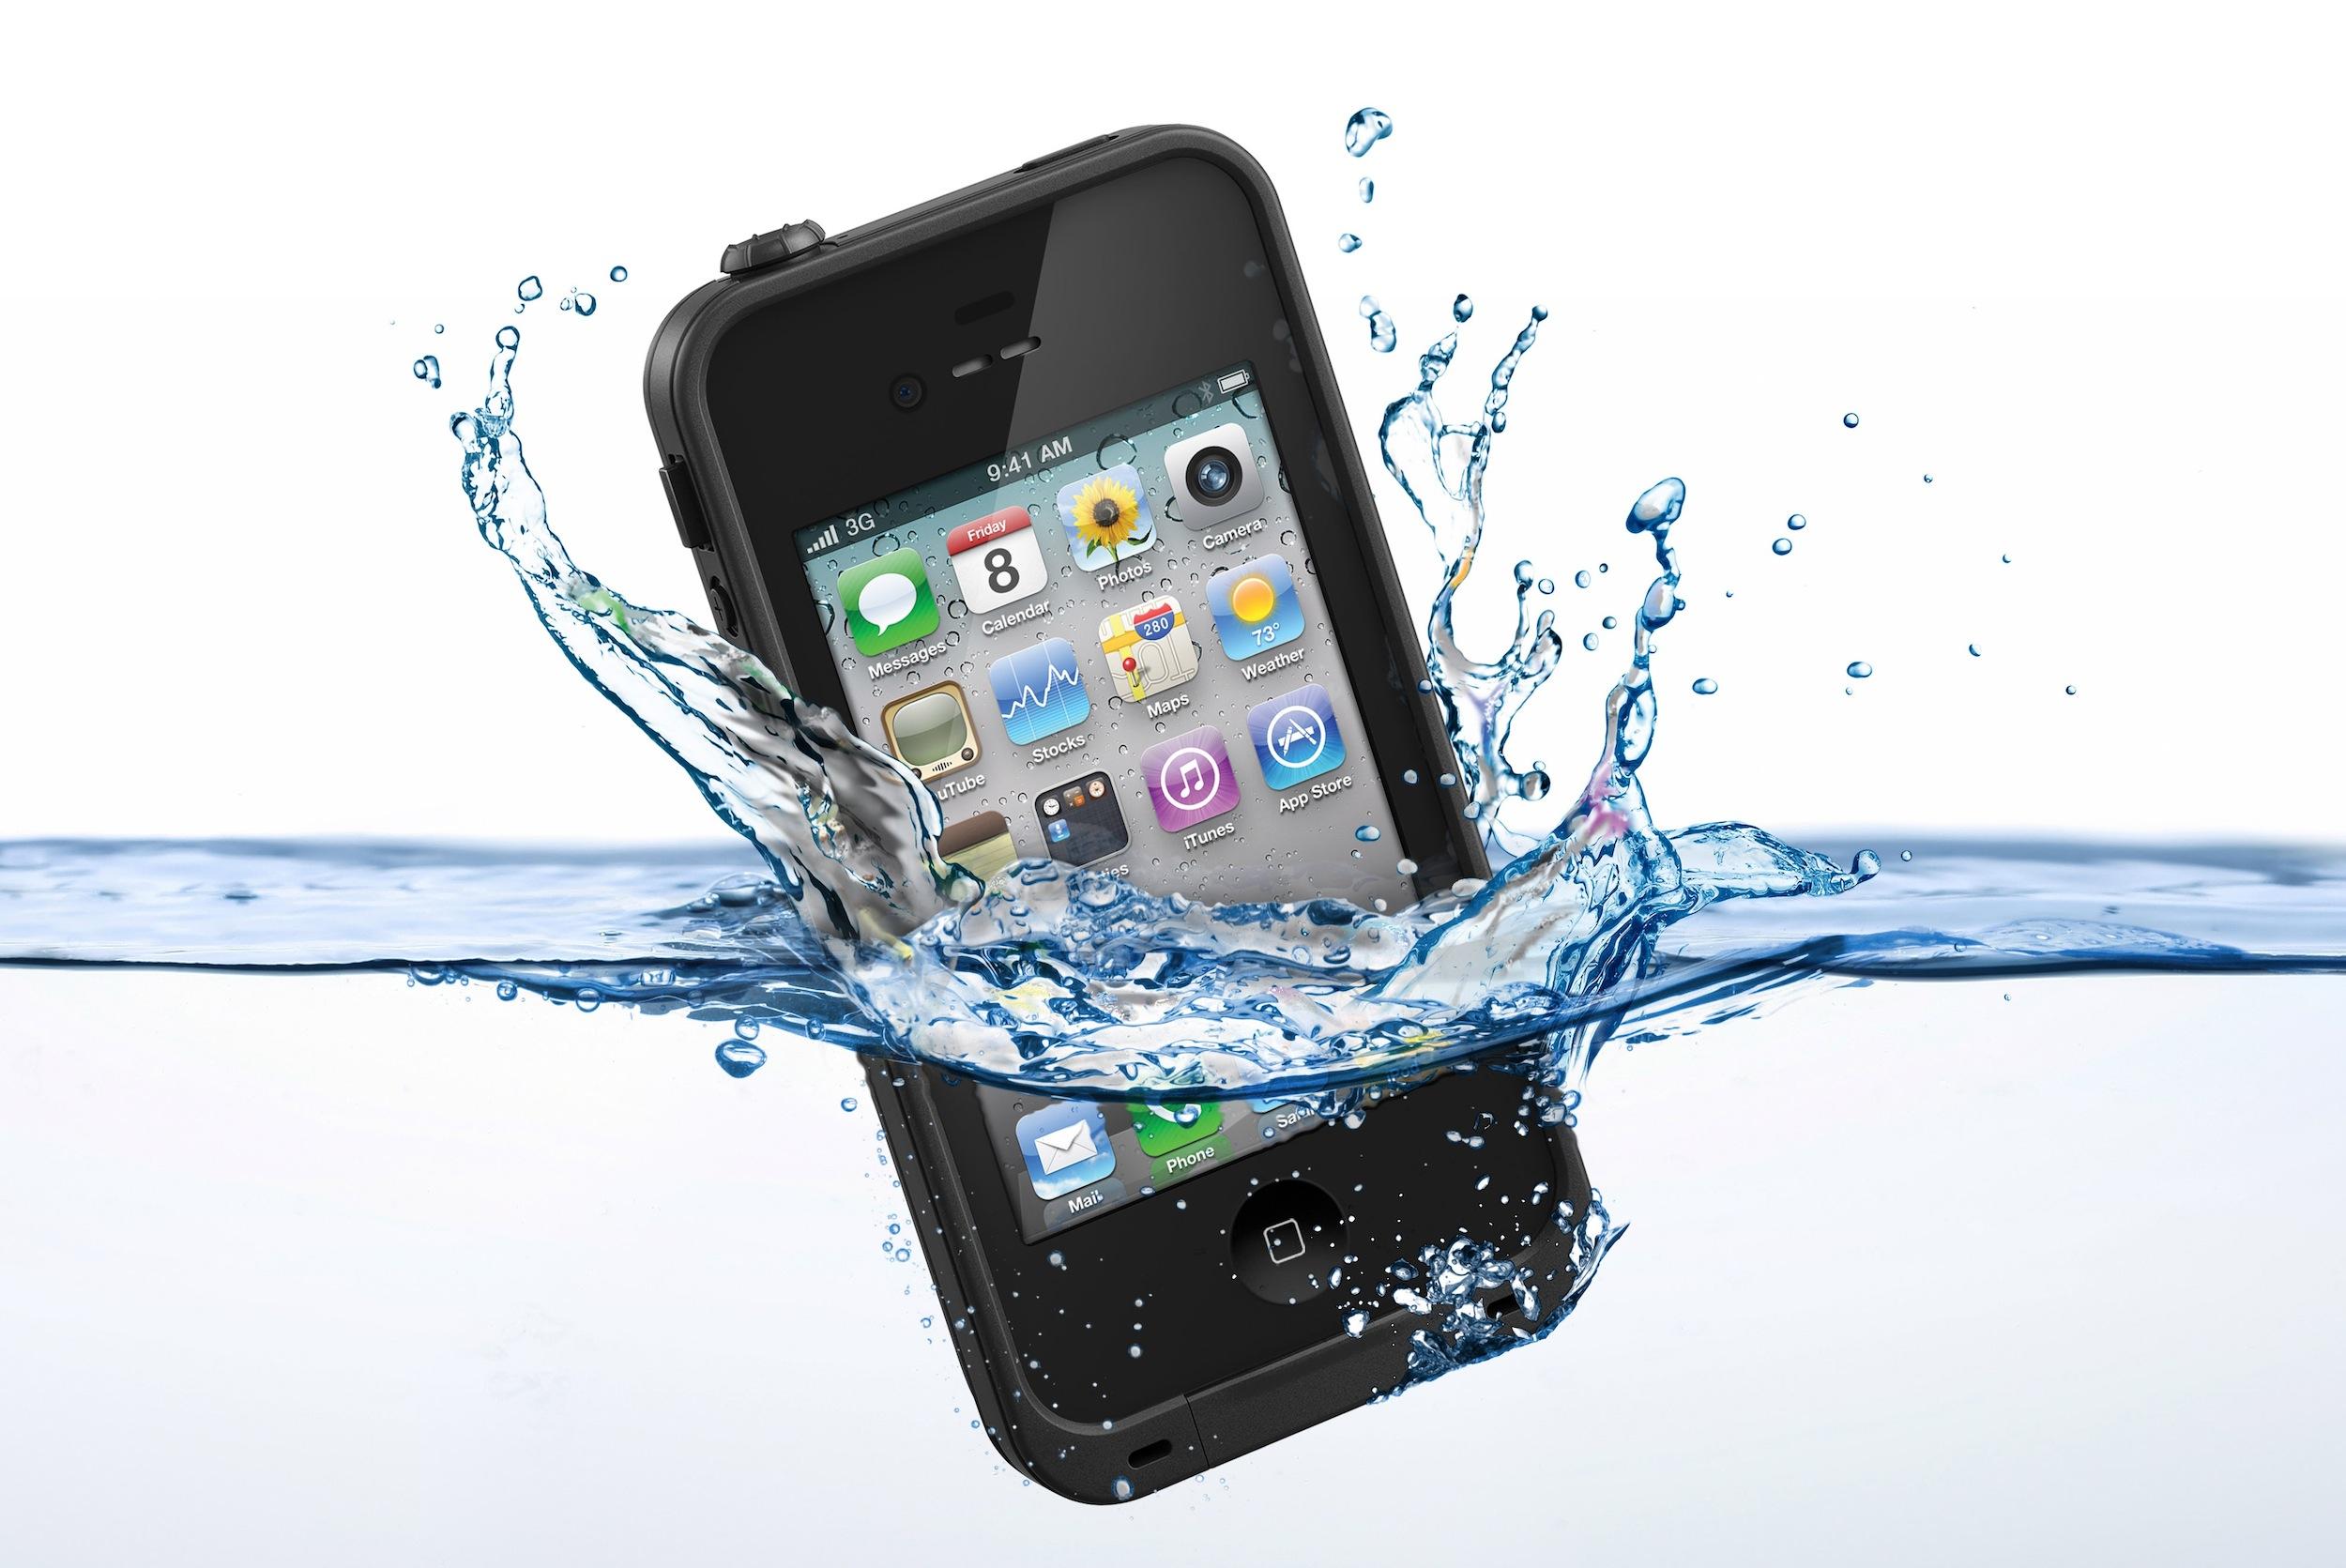 Cases protegem o iPhone contra danos externos, incluindo contato com a água. (Foto: Reprodução / Gadget Review)